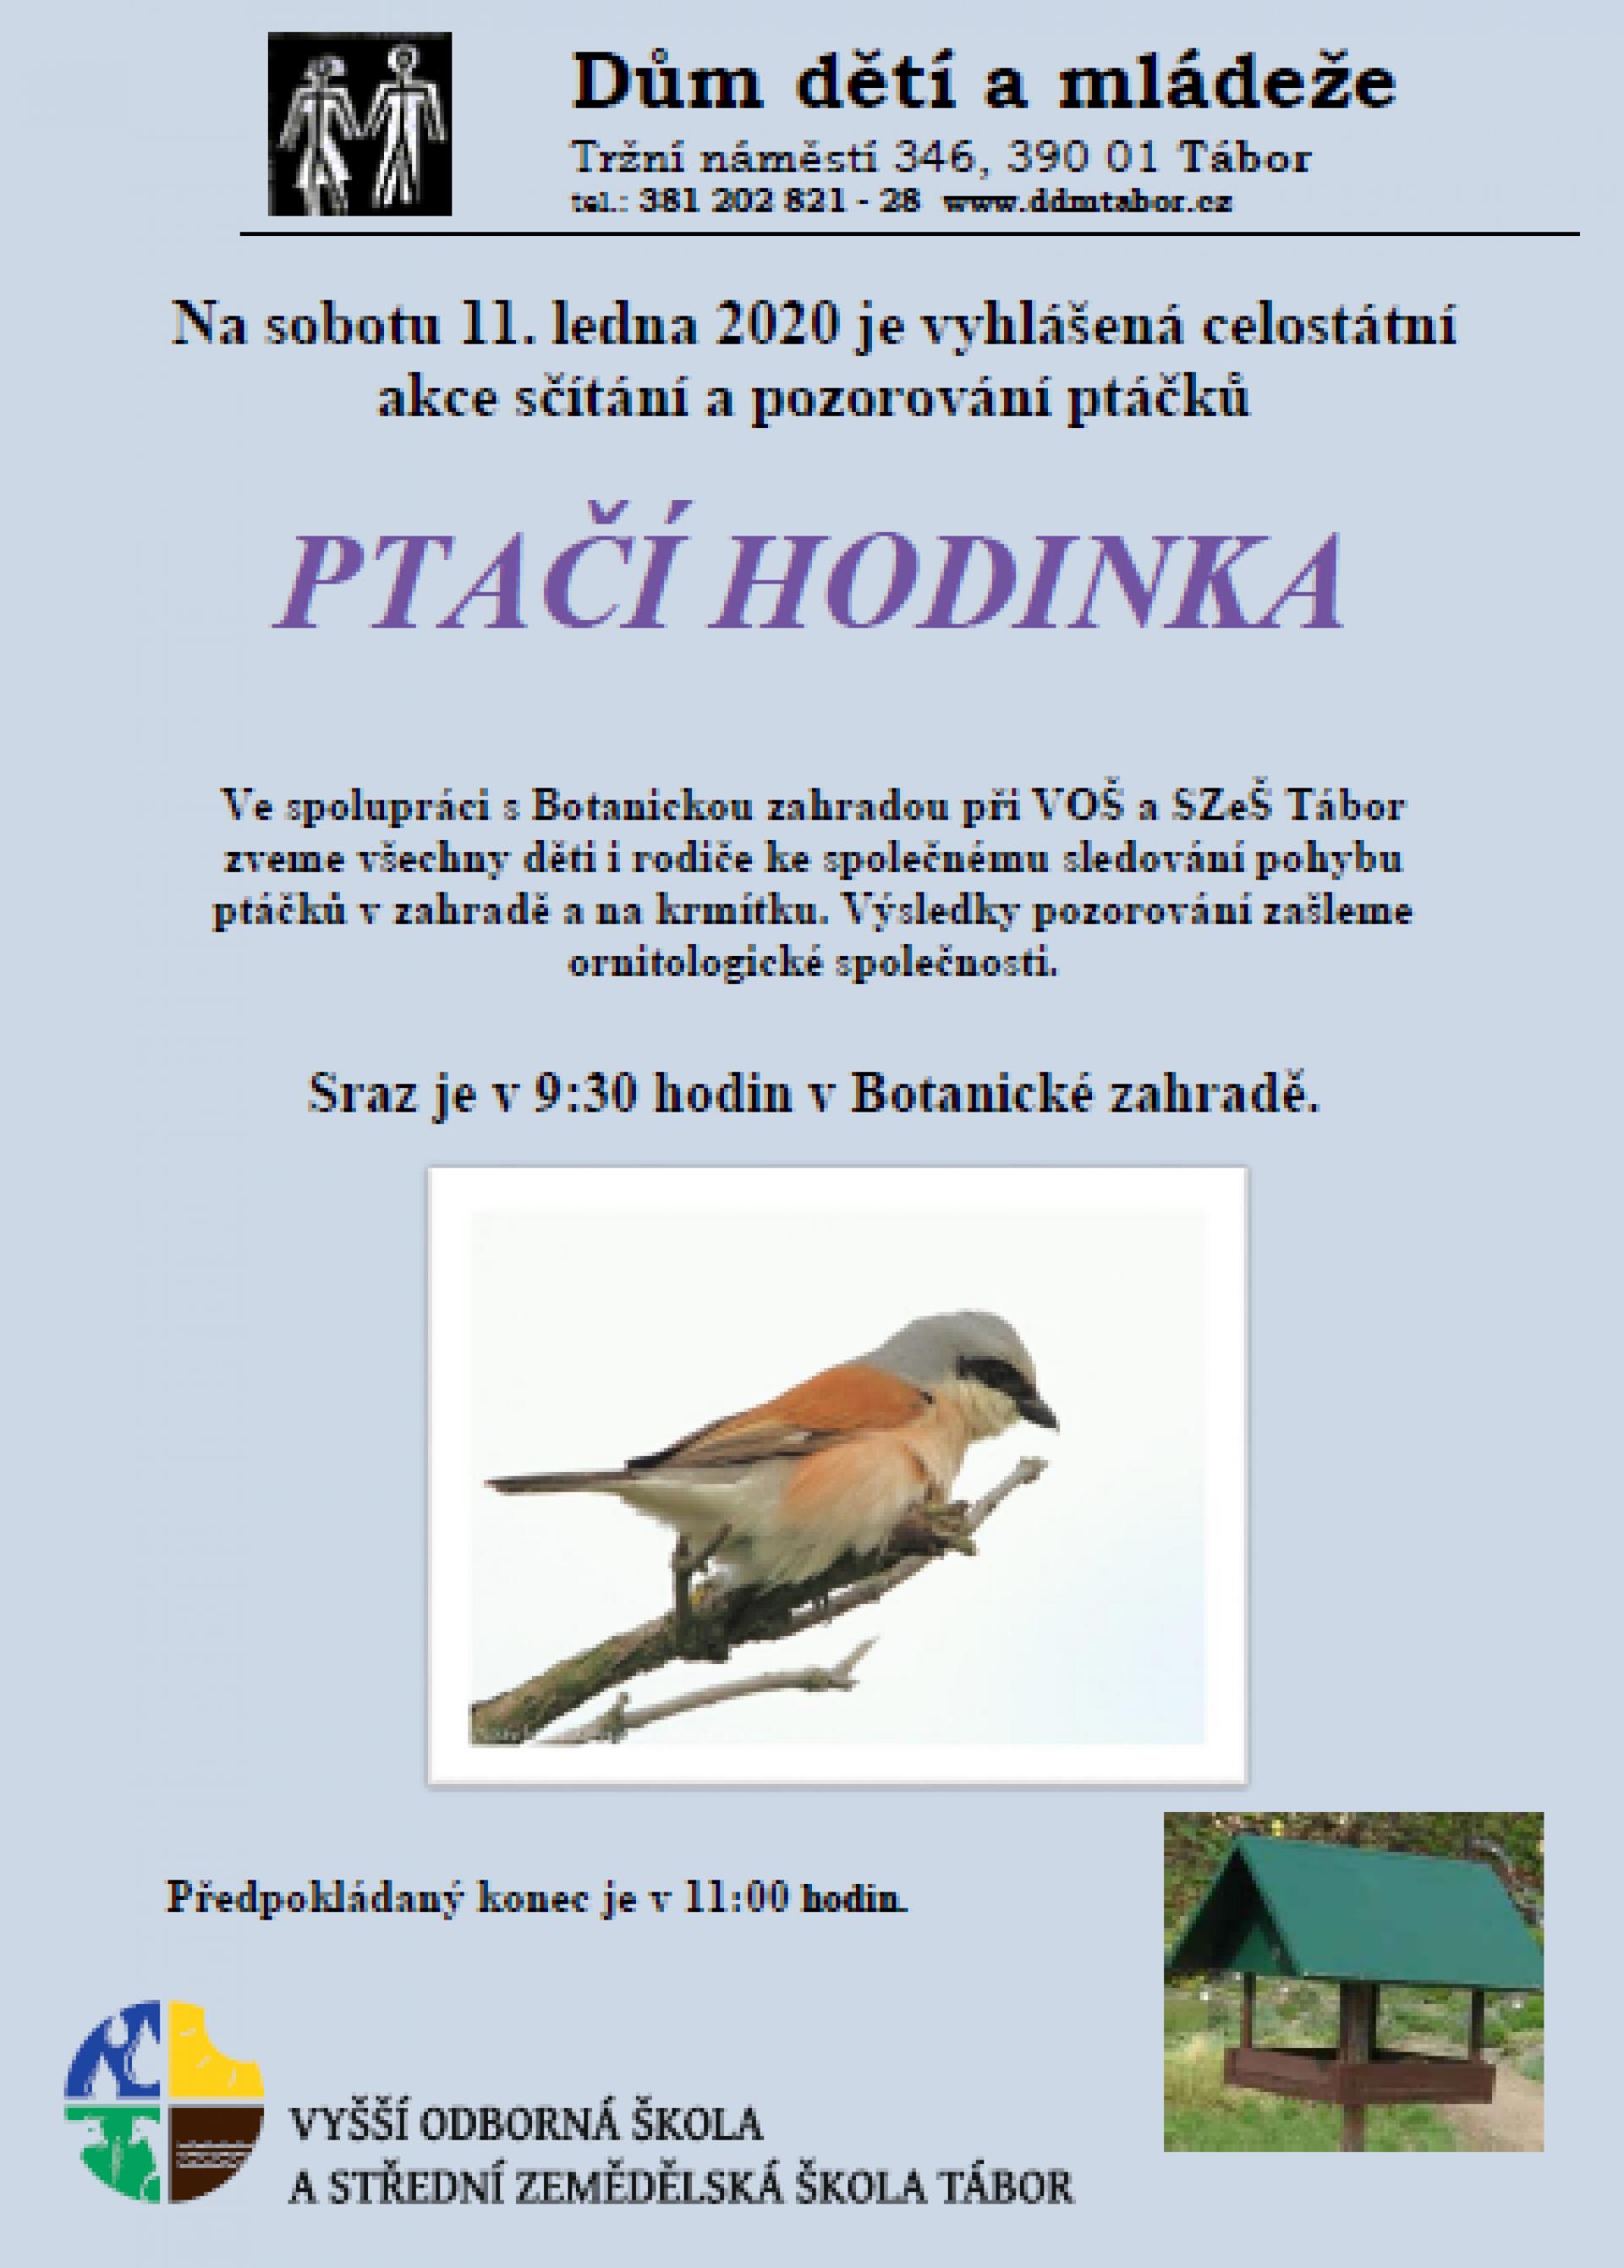 Ptaččí hodinka_obrázek.png